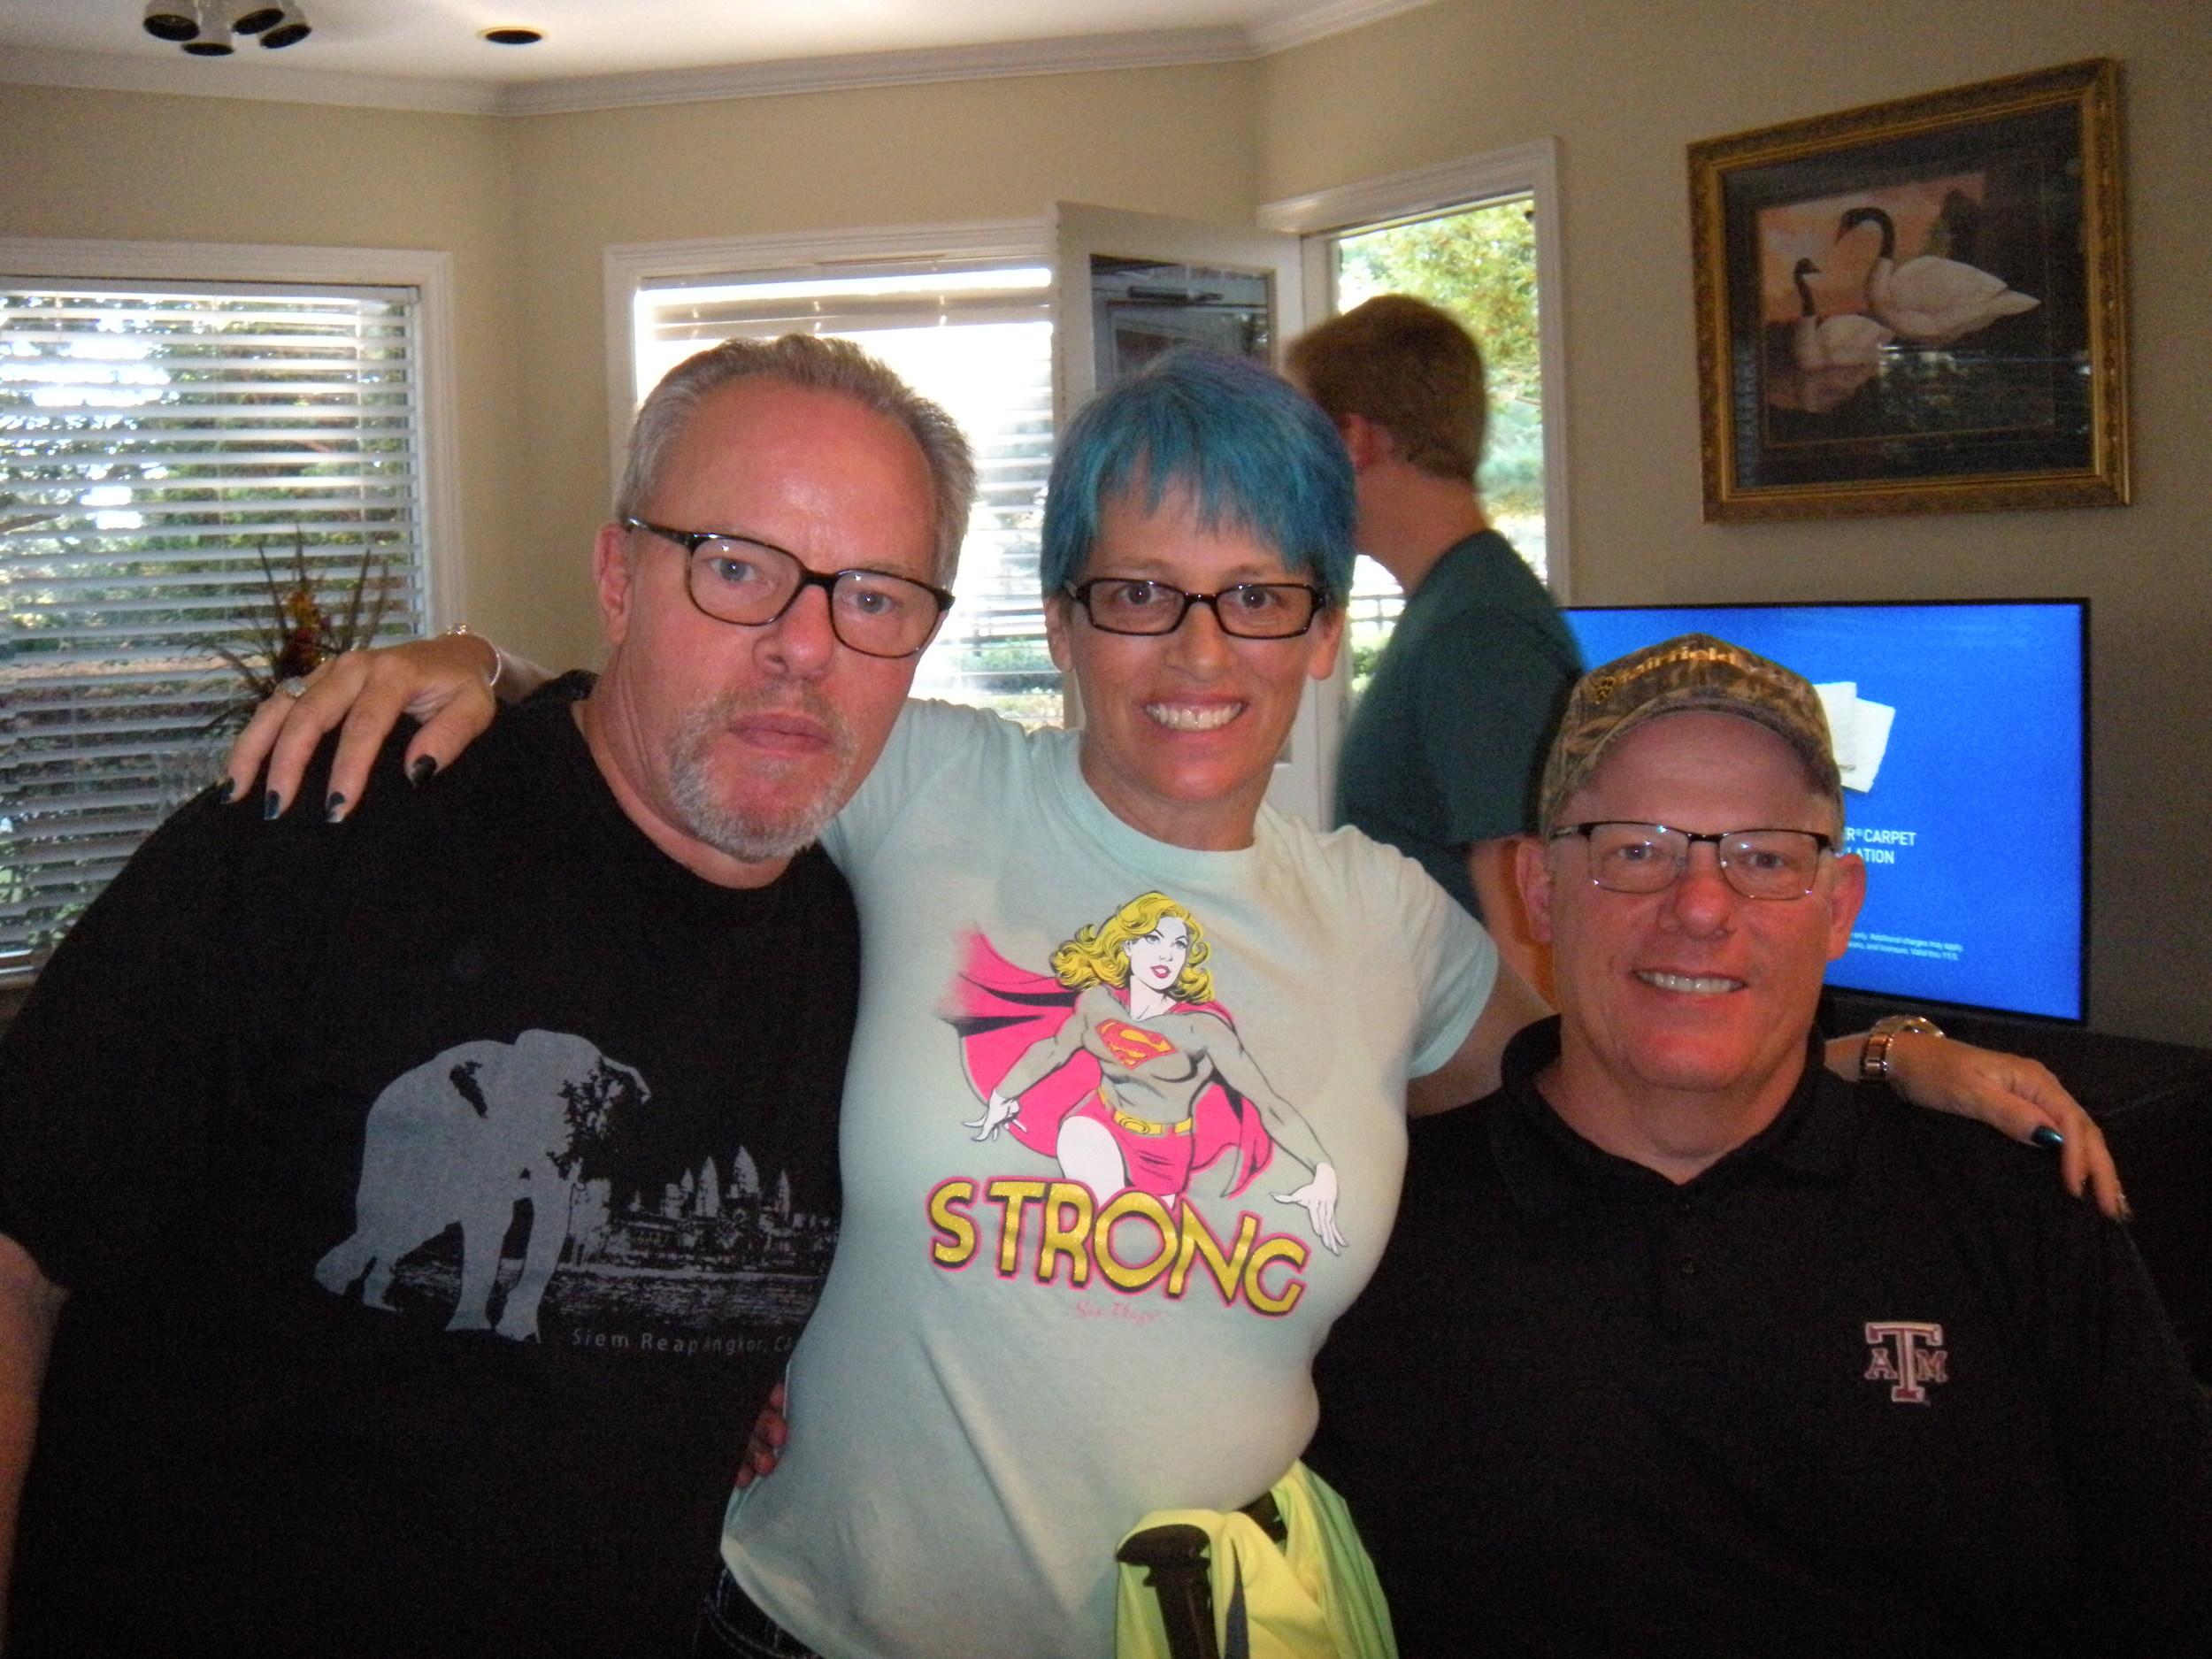 David, Keri, and Paul